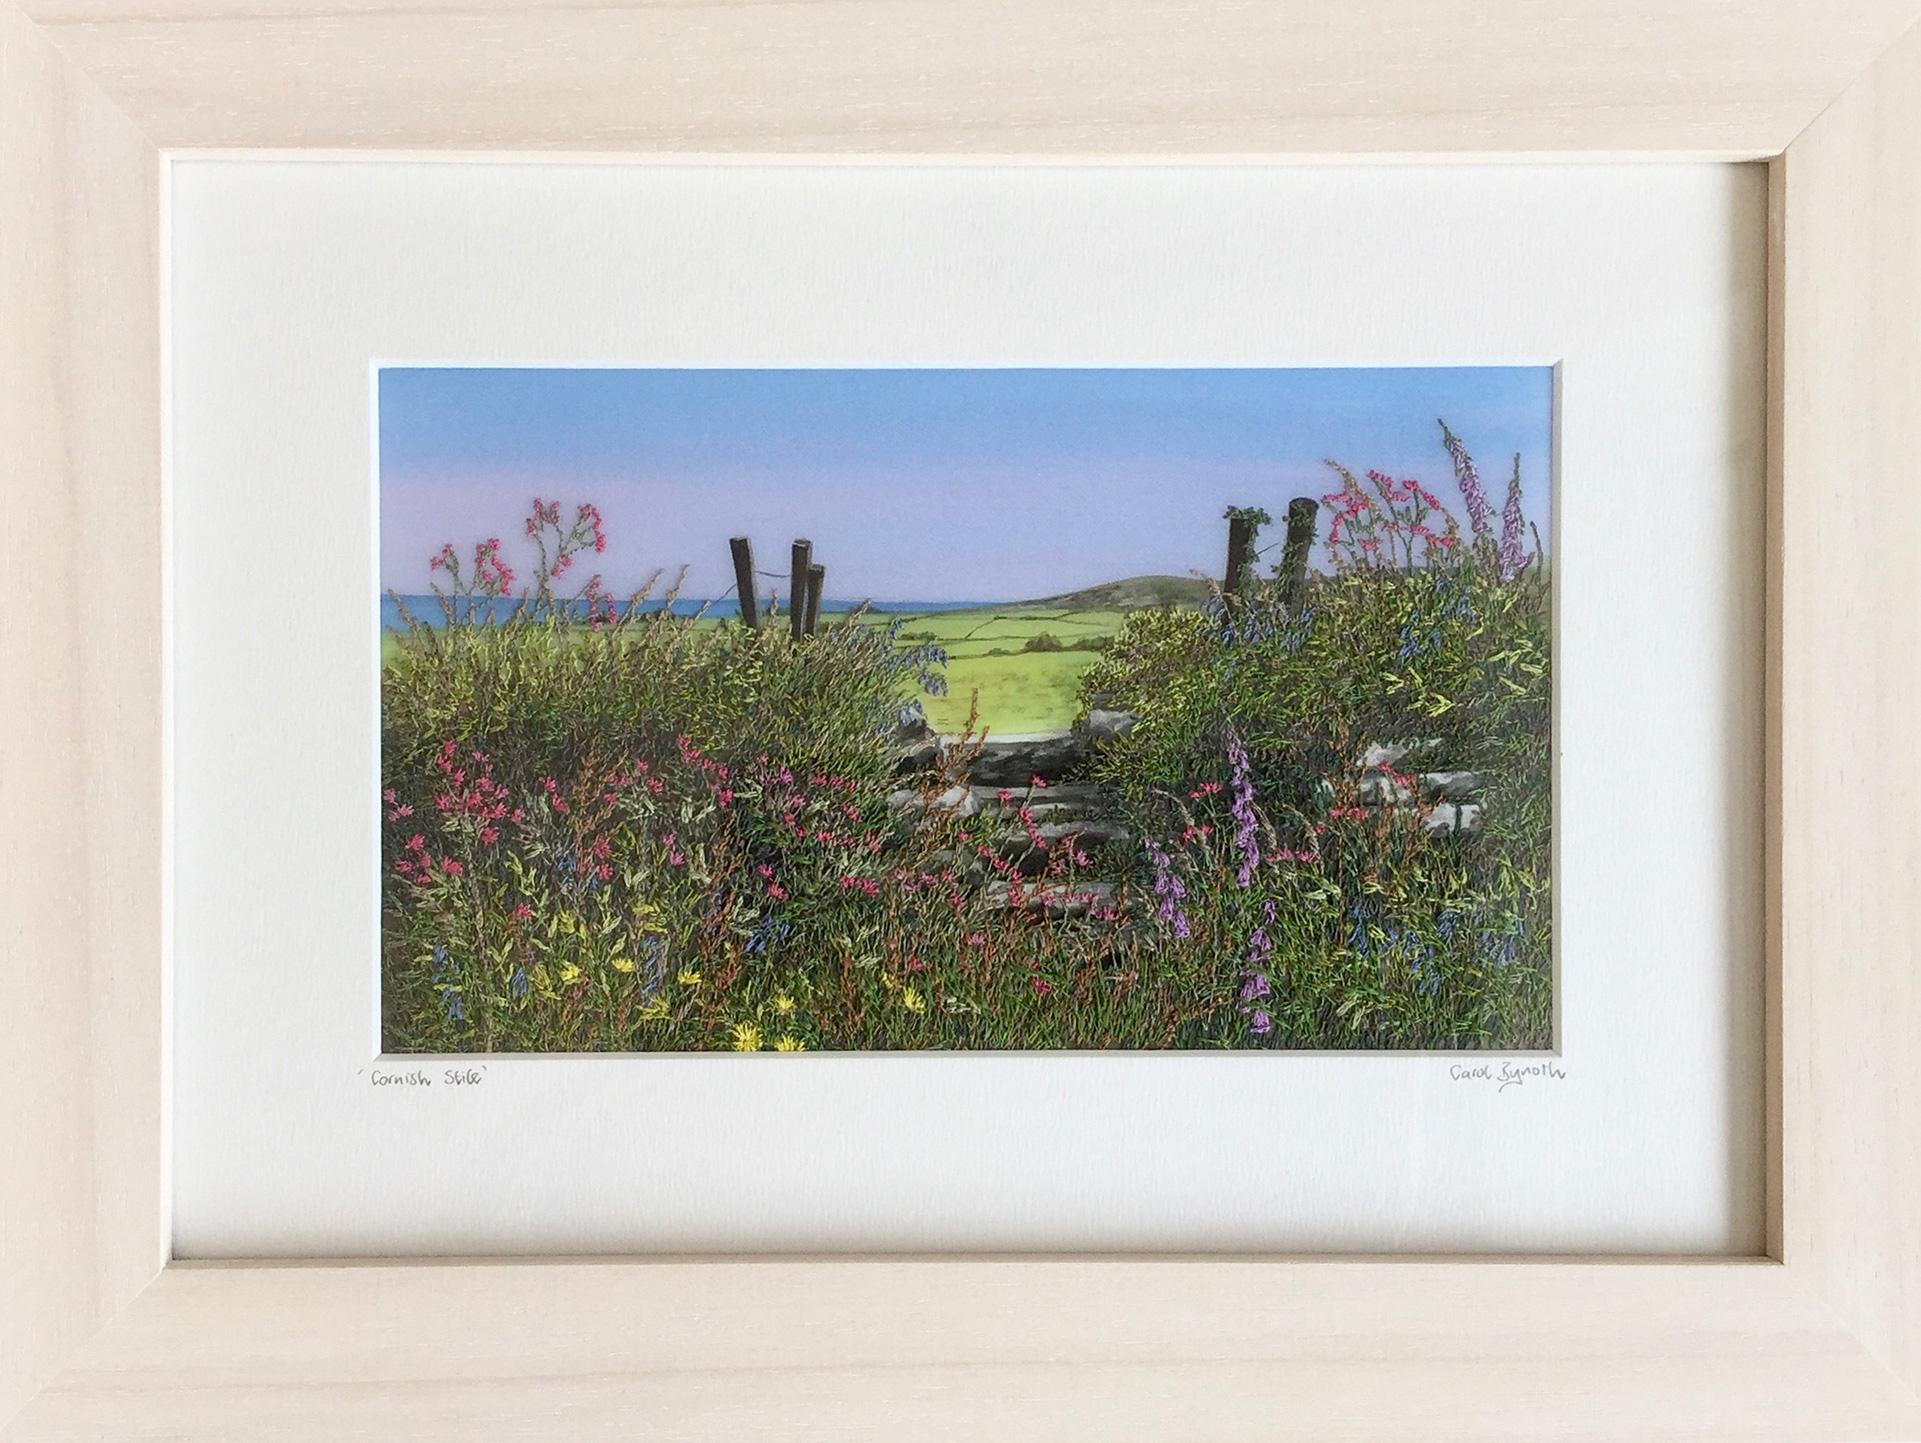 Carol Bynoth framed art